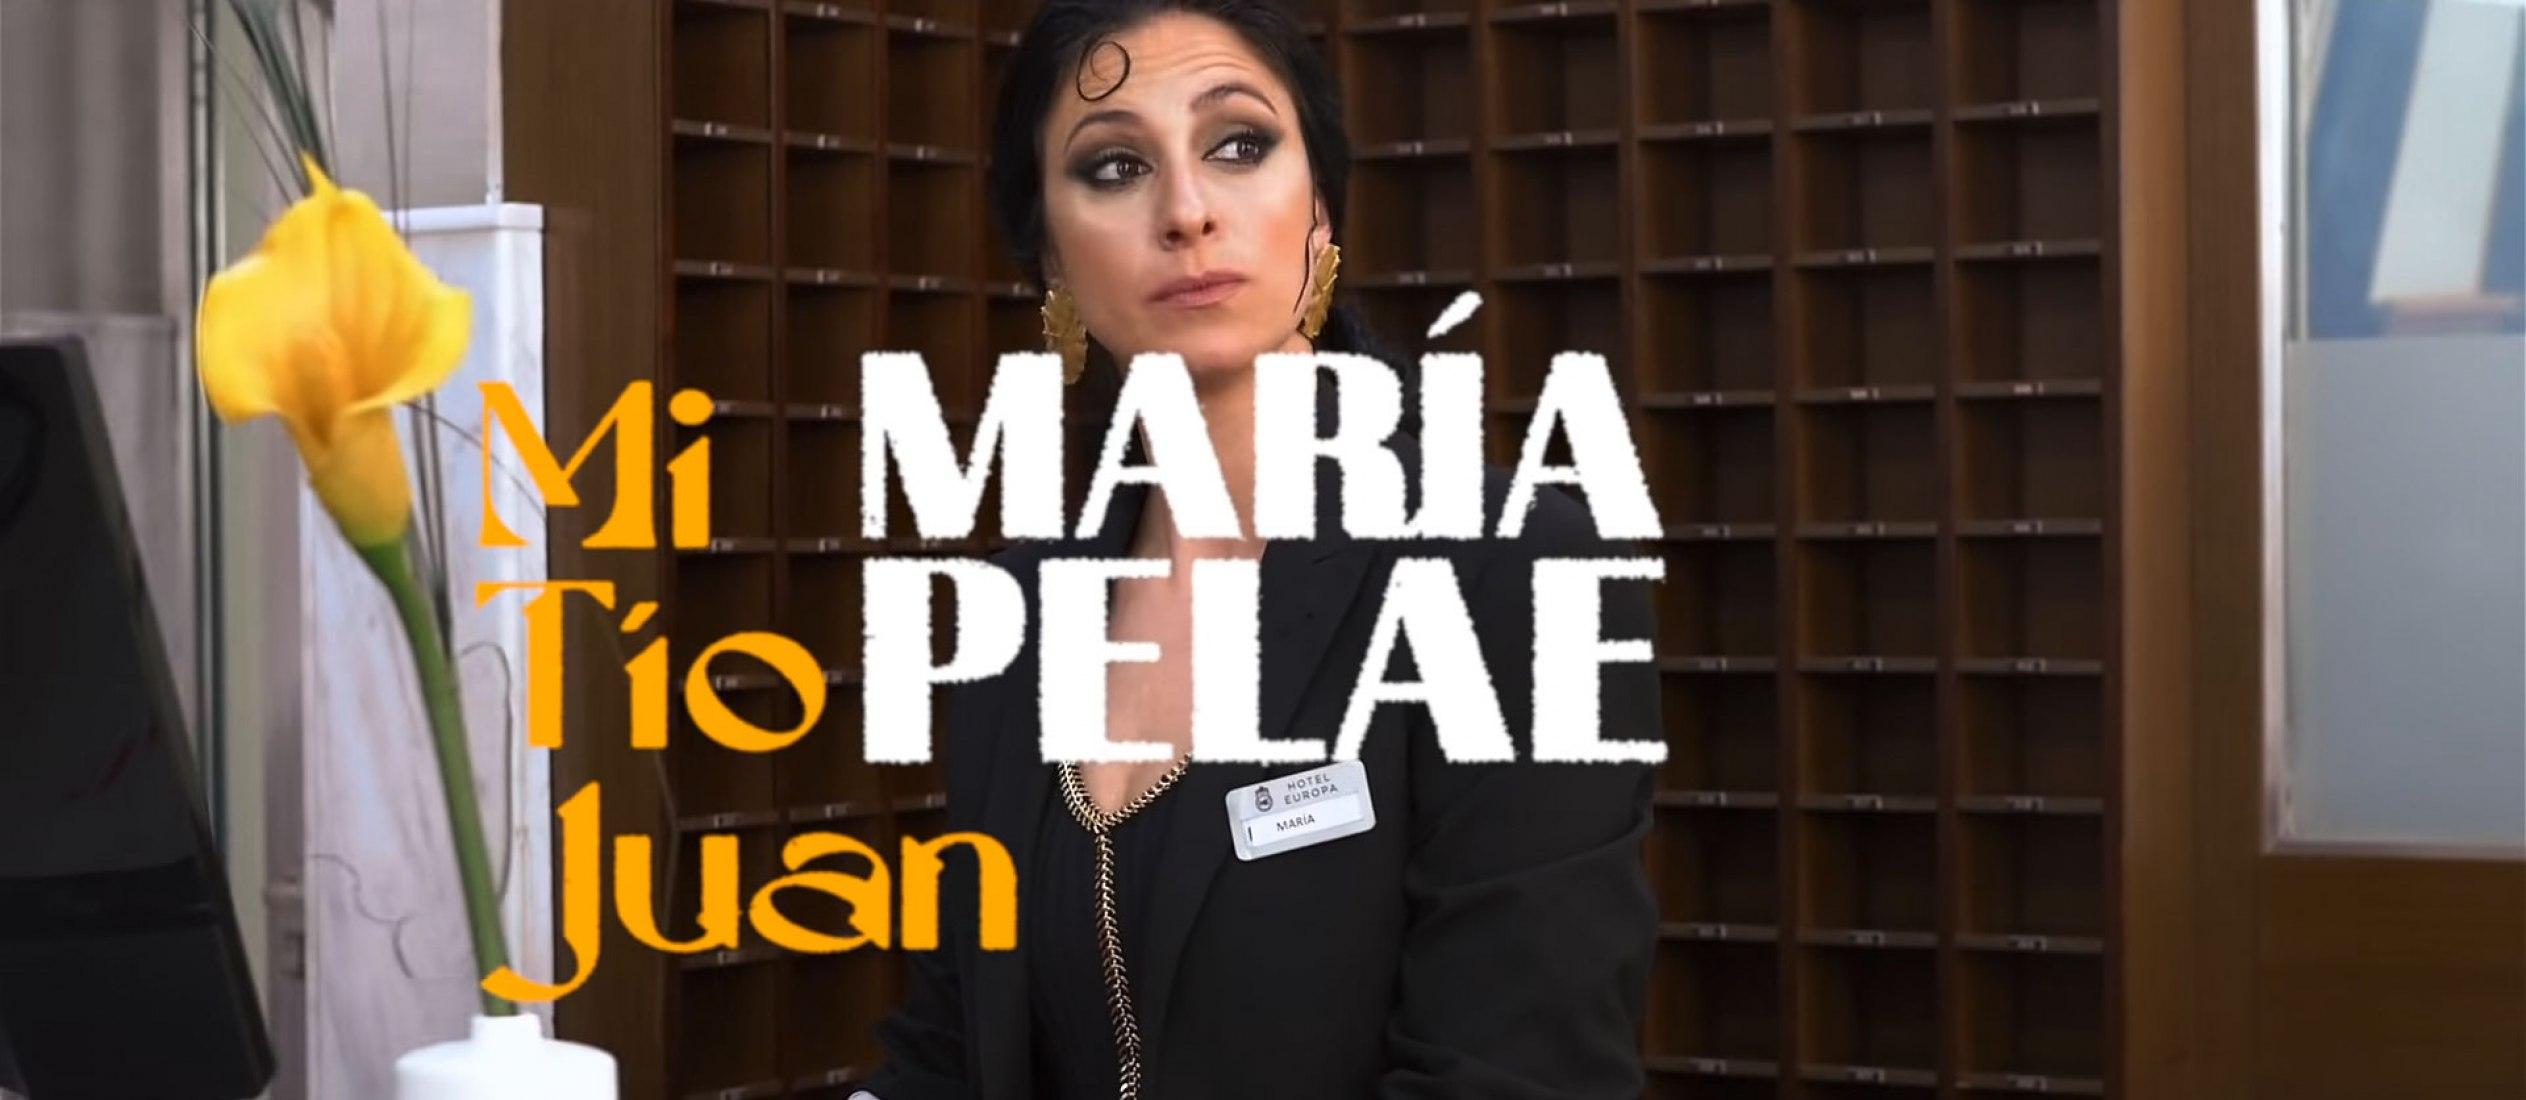 Mi Tío Juan by María Peláe